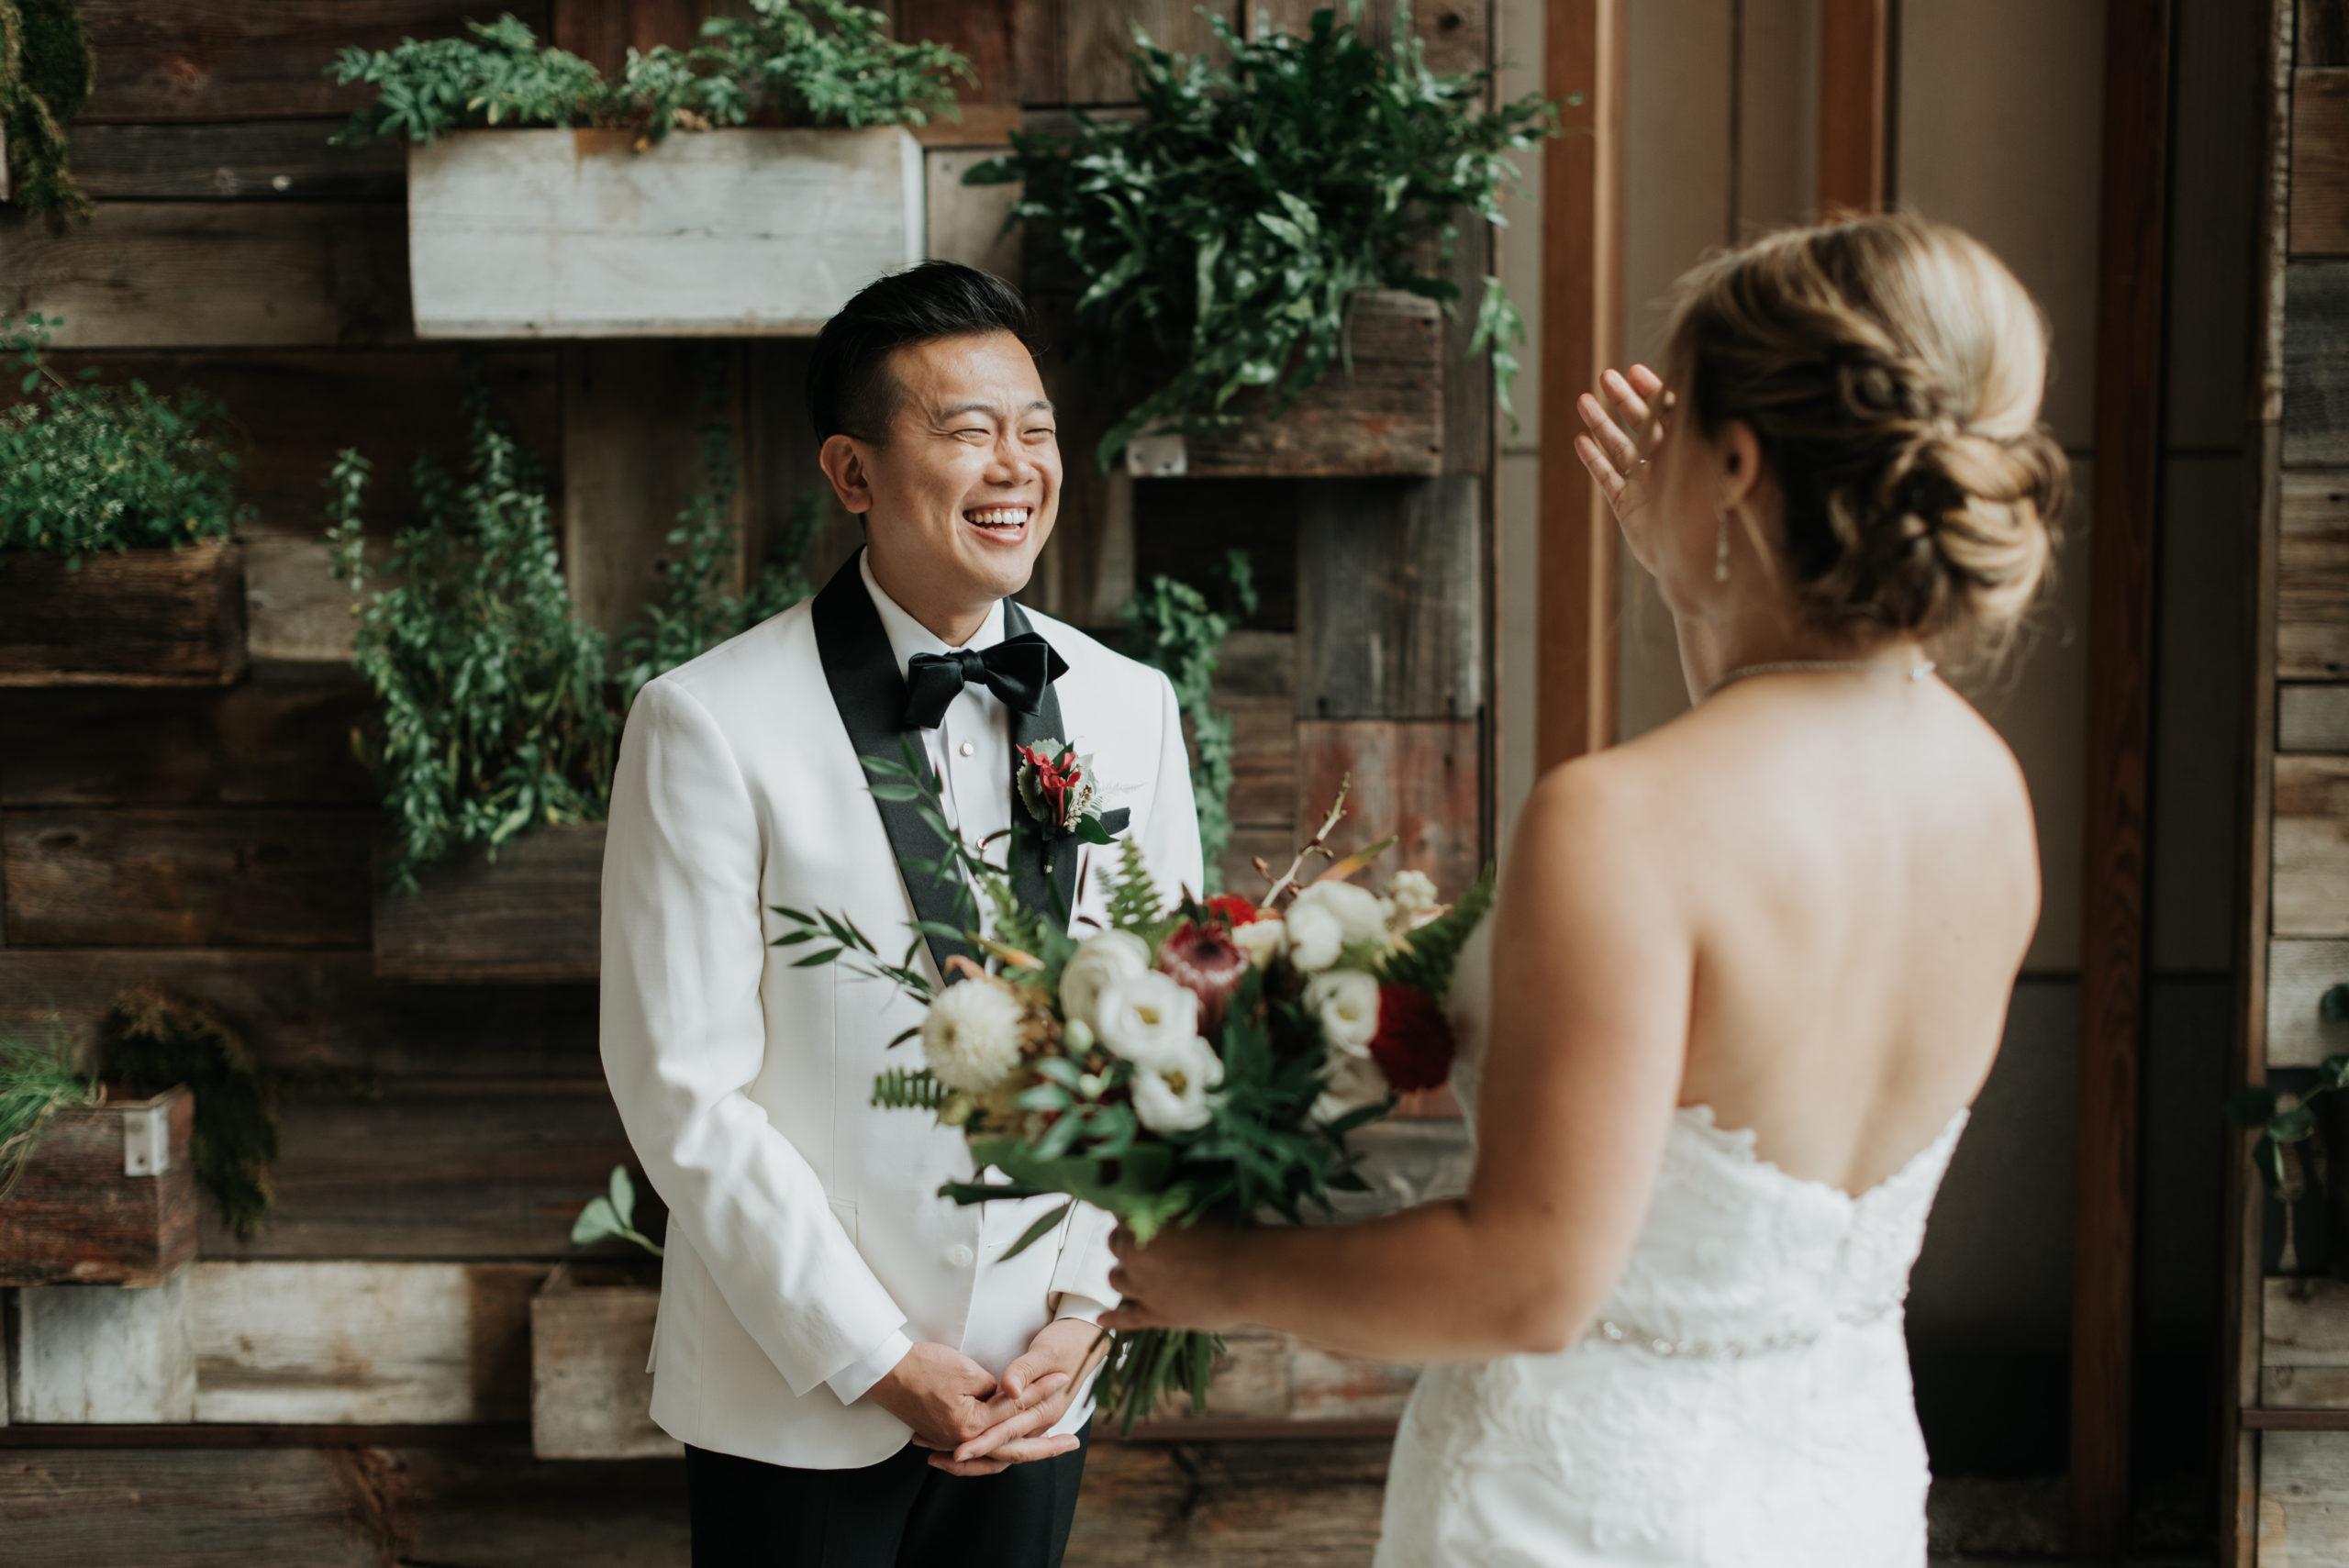 Stylish Tropical-Inspired Wedding in Brooklyn 5